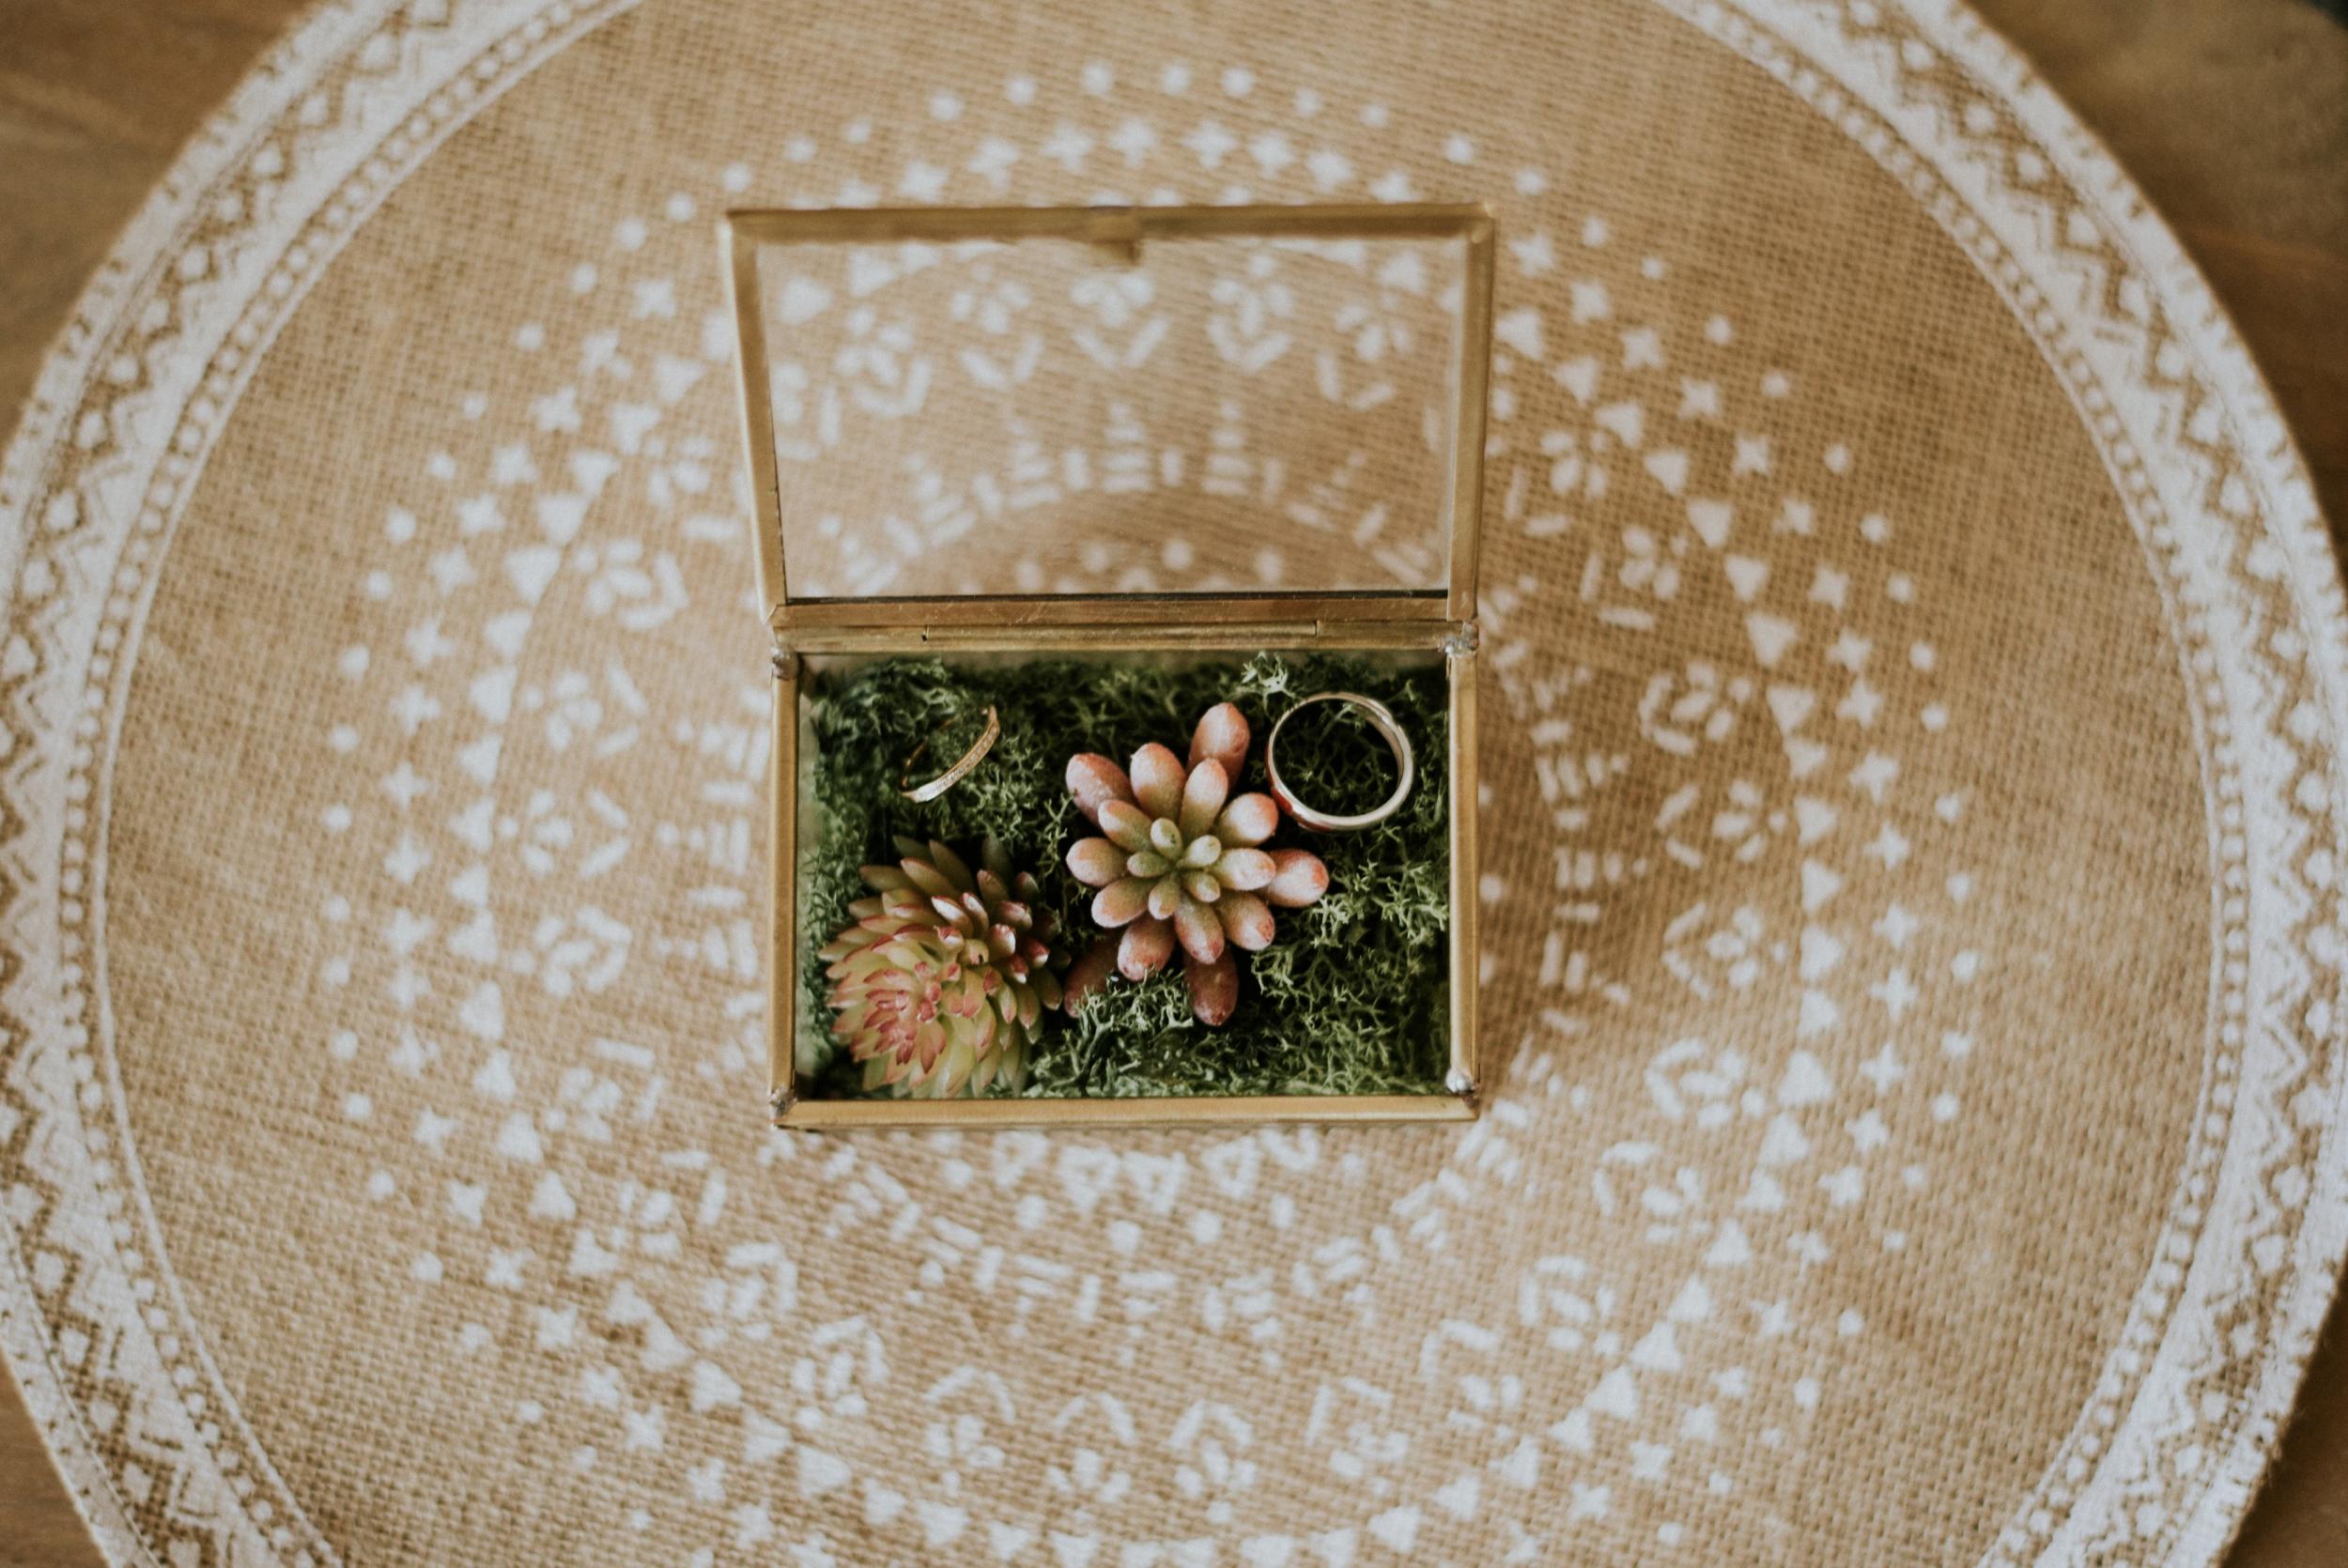 photographe mariage rhone alpes grenoble lyon annecy geneve montagne ceremonie laique_0016